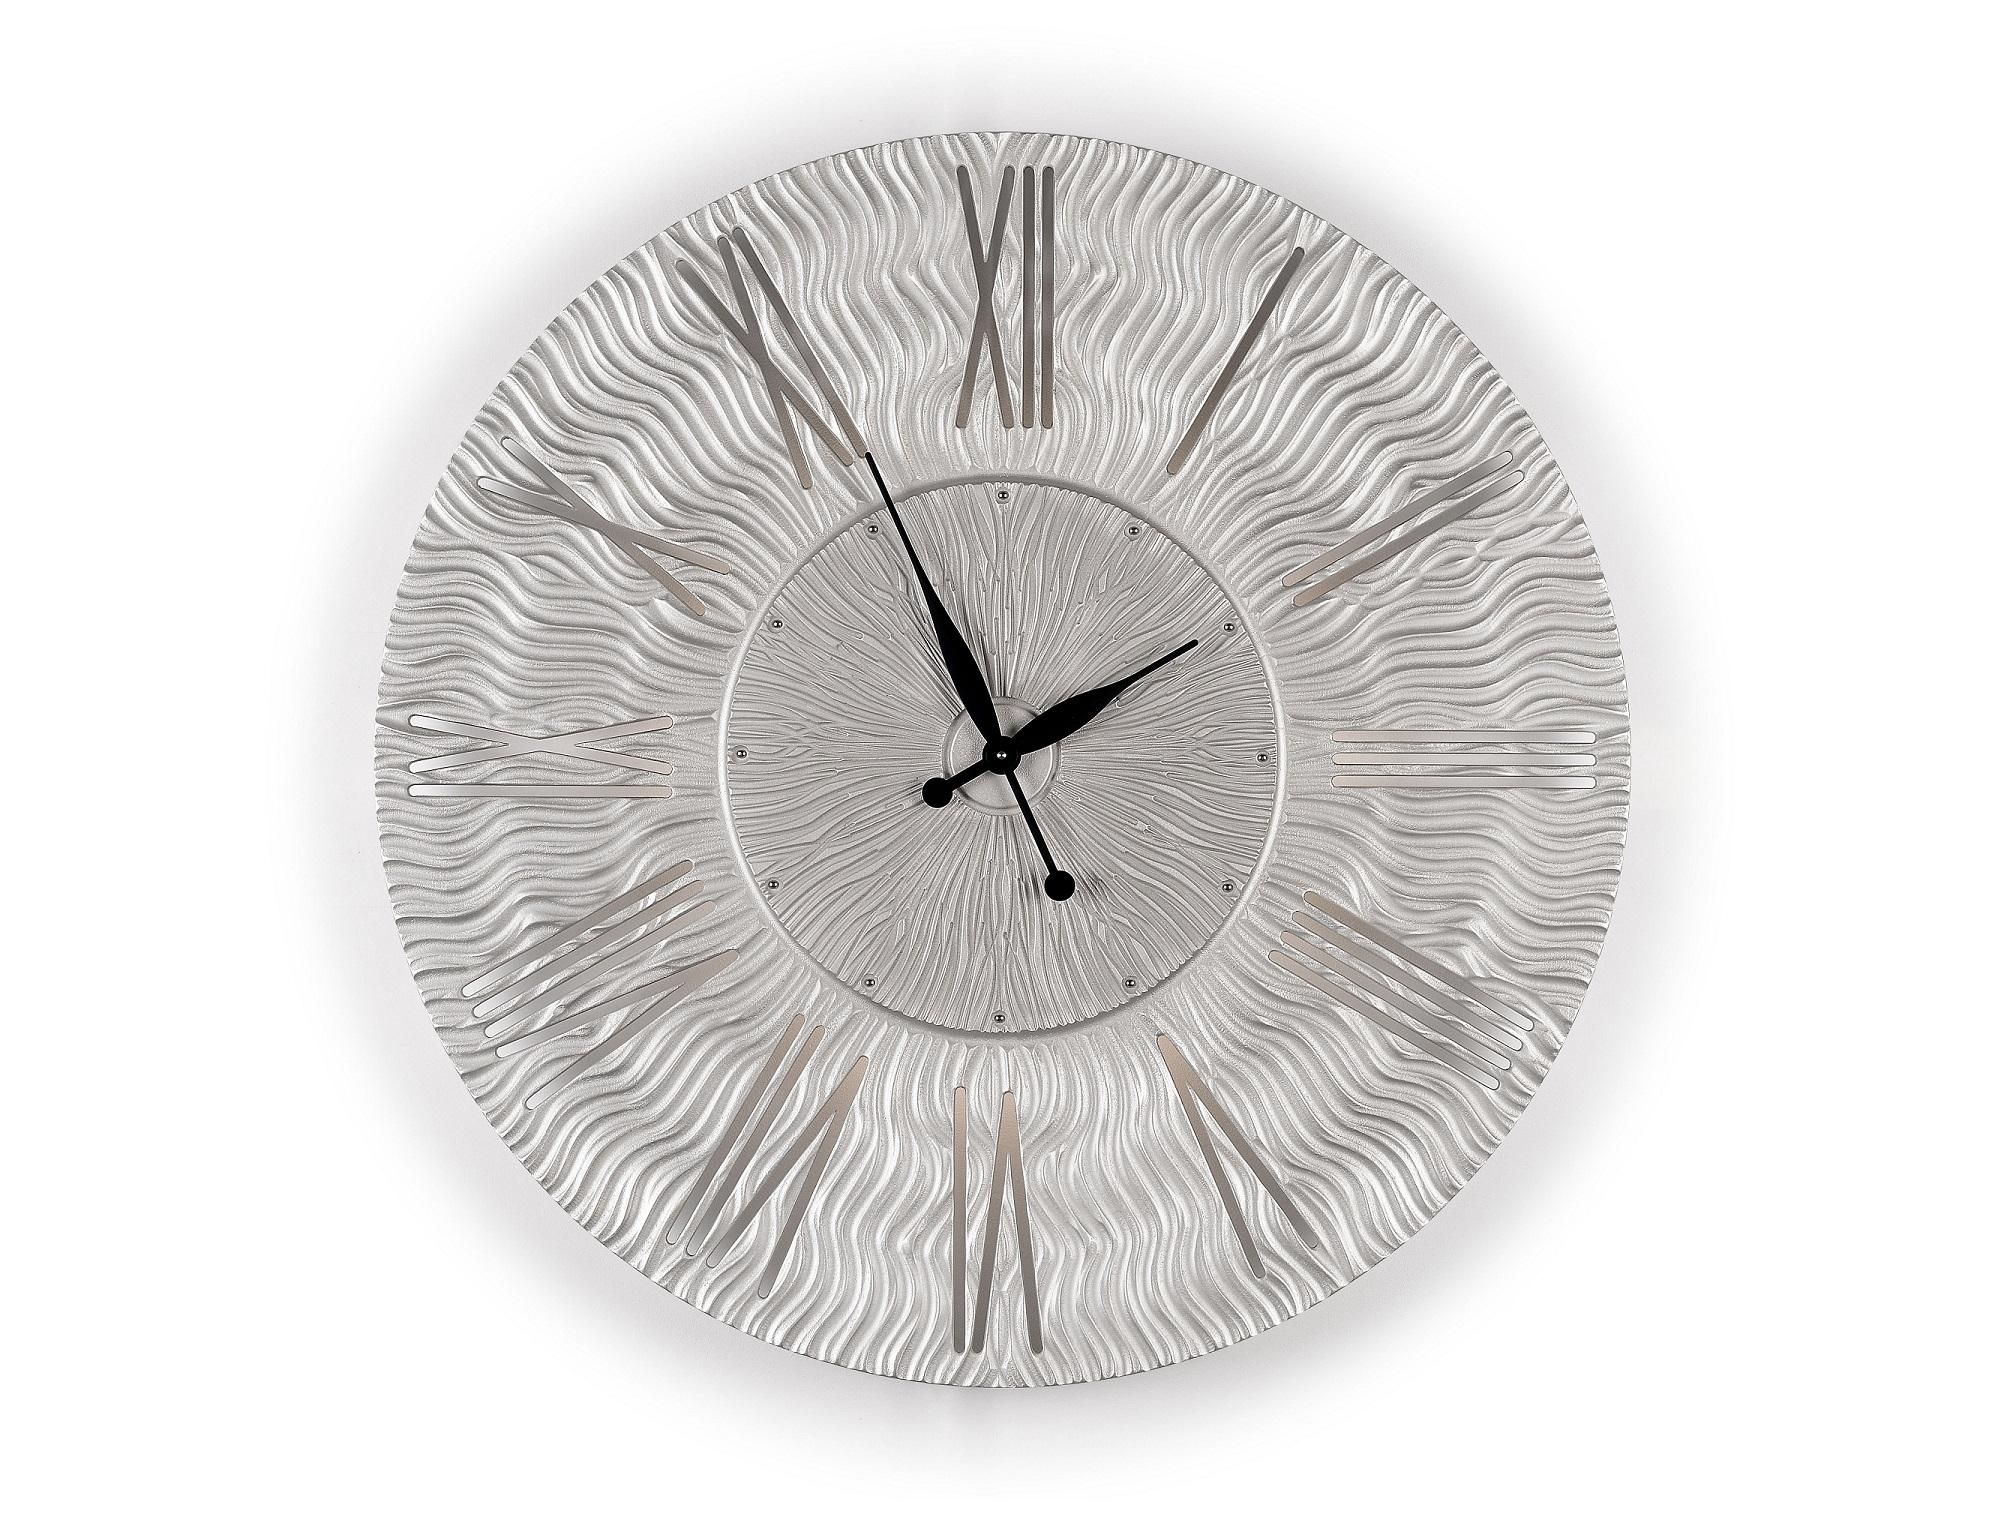 Настенные часы TWINKLEНастенные часы<br>Бег времени непрерывен. Можно ли ощутить, как одна минута переходит в другую? <br>Можно ли предсказать, что открывают нам движущиеся по кругу стрелки часов? <br>Светящиеся прорезные силуэты цифр помогают понять, что лучшее еще впереди. <br>Данный вариант представлен в серебряном цвете.&amp;lt;div&amp;gt;&amp;lt;br&amp;gt;&amp;lt;/div&amp;gt;&amp;lt;div&amp;gt;Часы оснащены встроенной светодиодной подсветкой&amp;lt;/div&amp;gt;&amp;lt;div&amp;gt;Возможны варианты с другими размерами без изменения цены: представлены часы с диаметрами 90, 80, 75 и 60 см.&amp;amp;nbsp;&amp;lt;/div&amp;gt;<br><br>Material: Дерево<br>Глубина см: 1.0